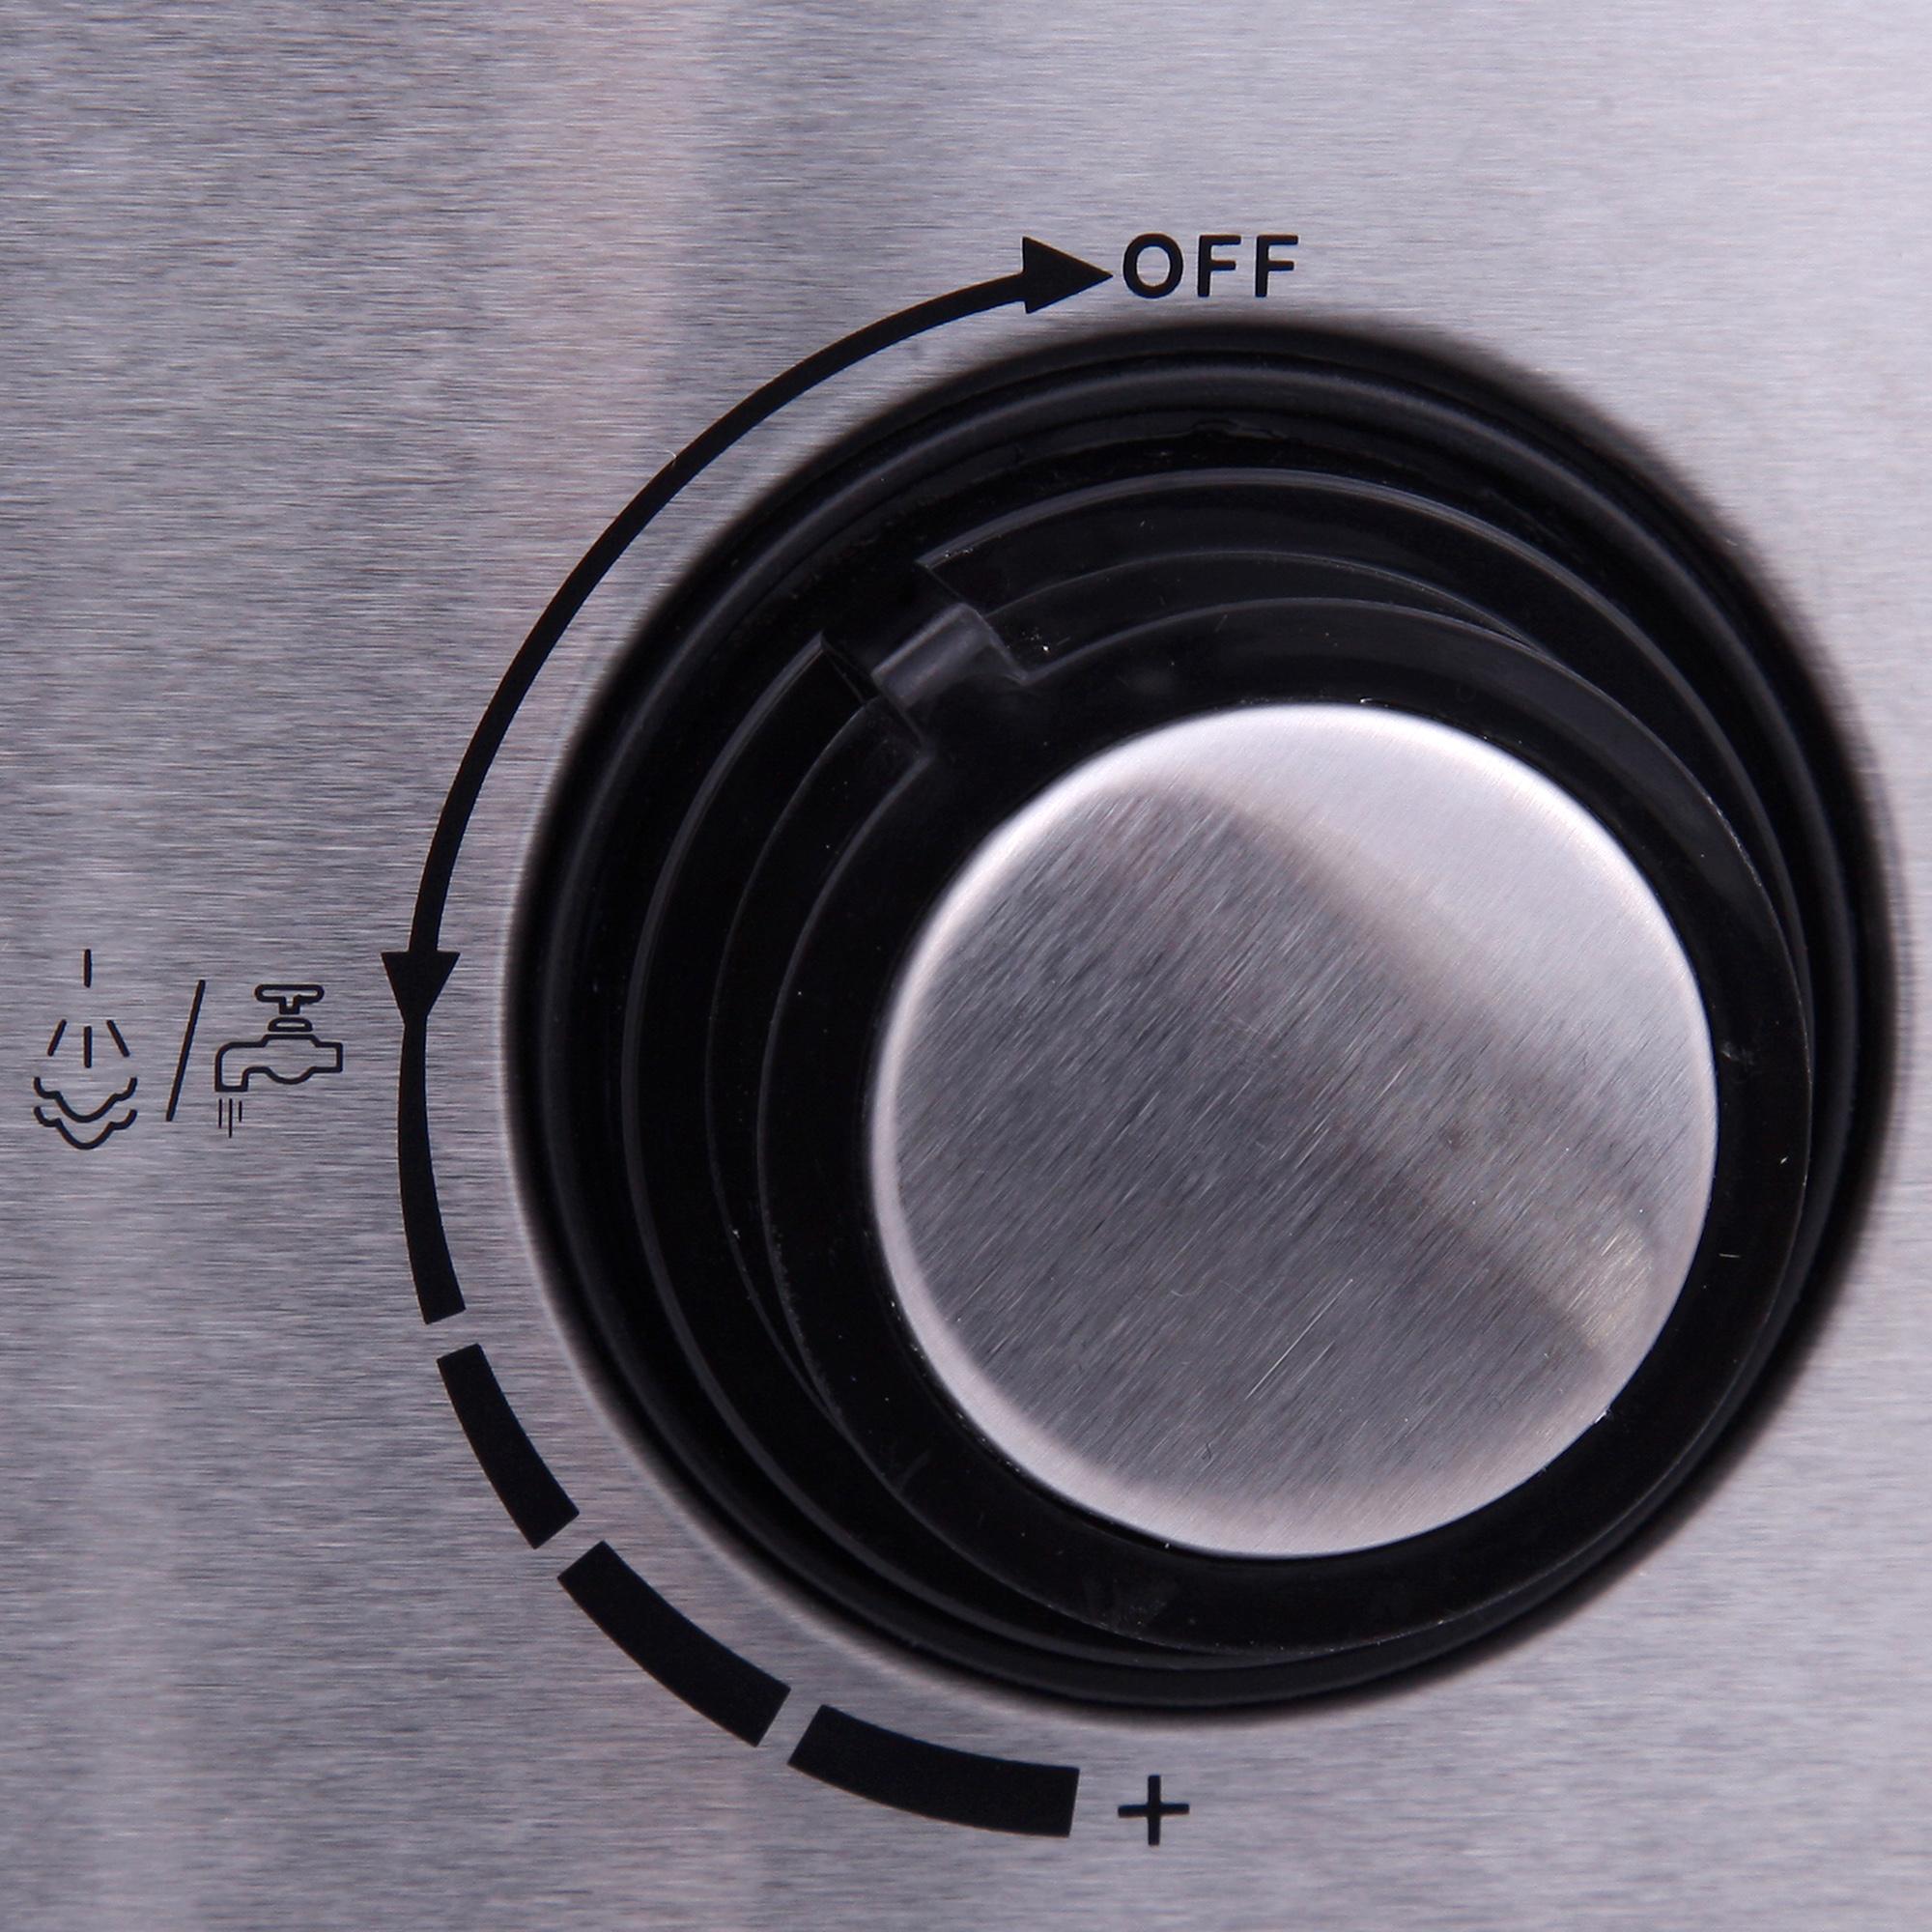 Mesko MS 4403 Cafetera Expreso manual 15 bares, depósito 1,6L, brazo doble salida, vaporizador para espumar leche, calienta tazas, cuerpo acero inoxidable 850W